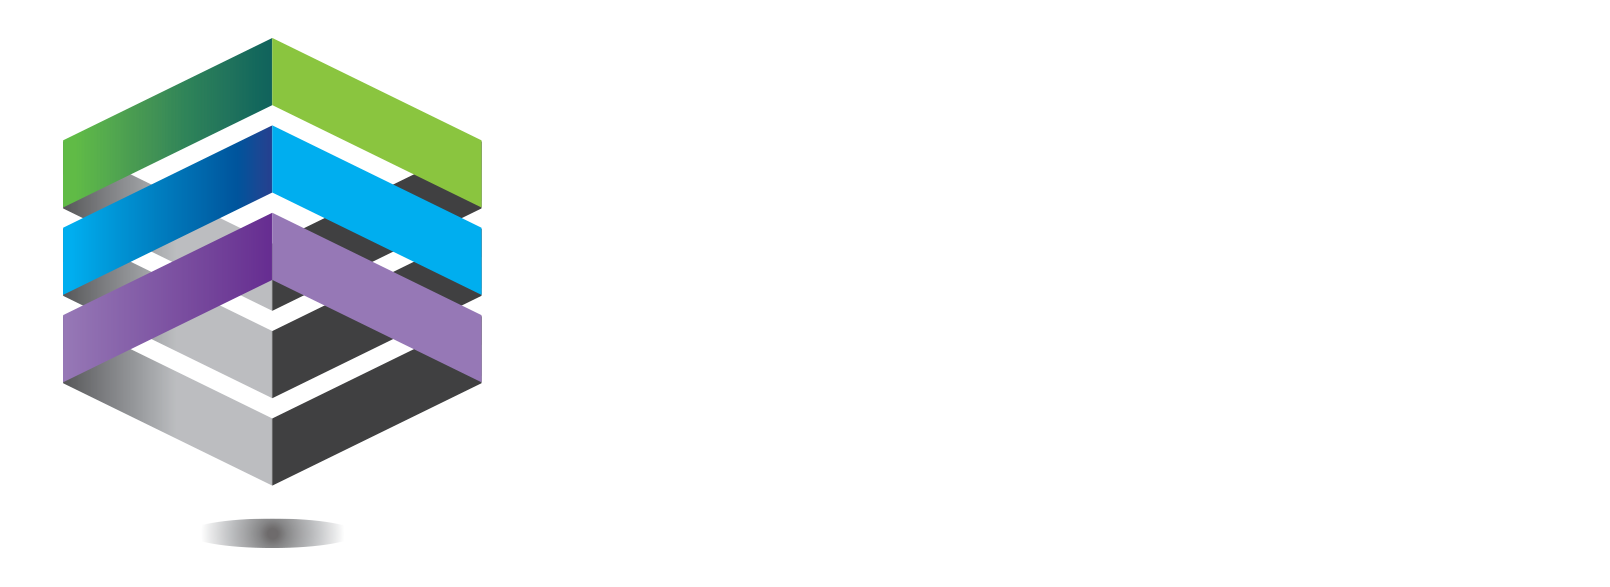 logo dif_Eng to boaz